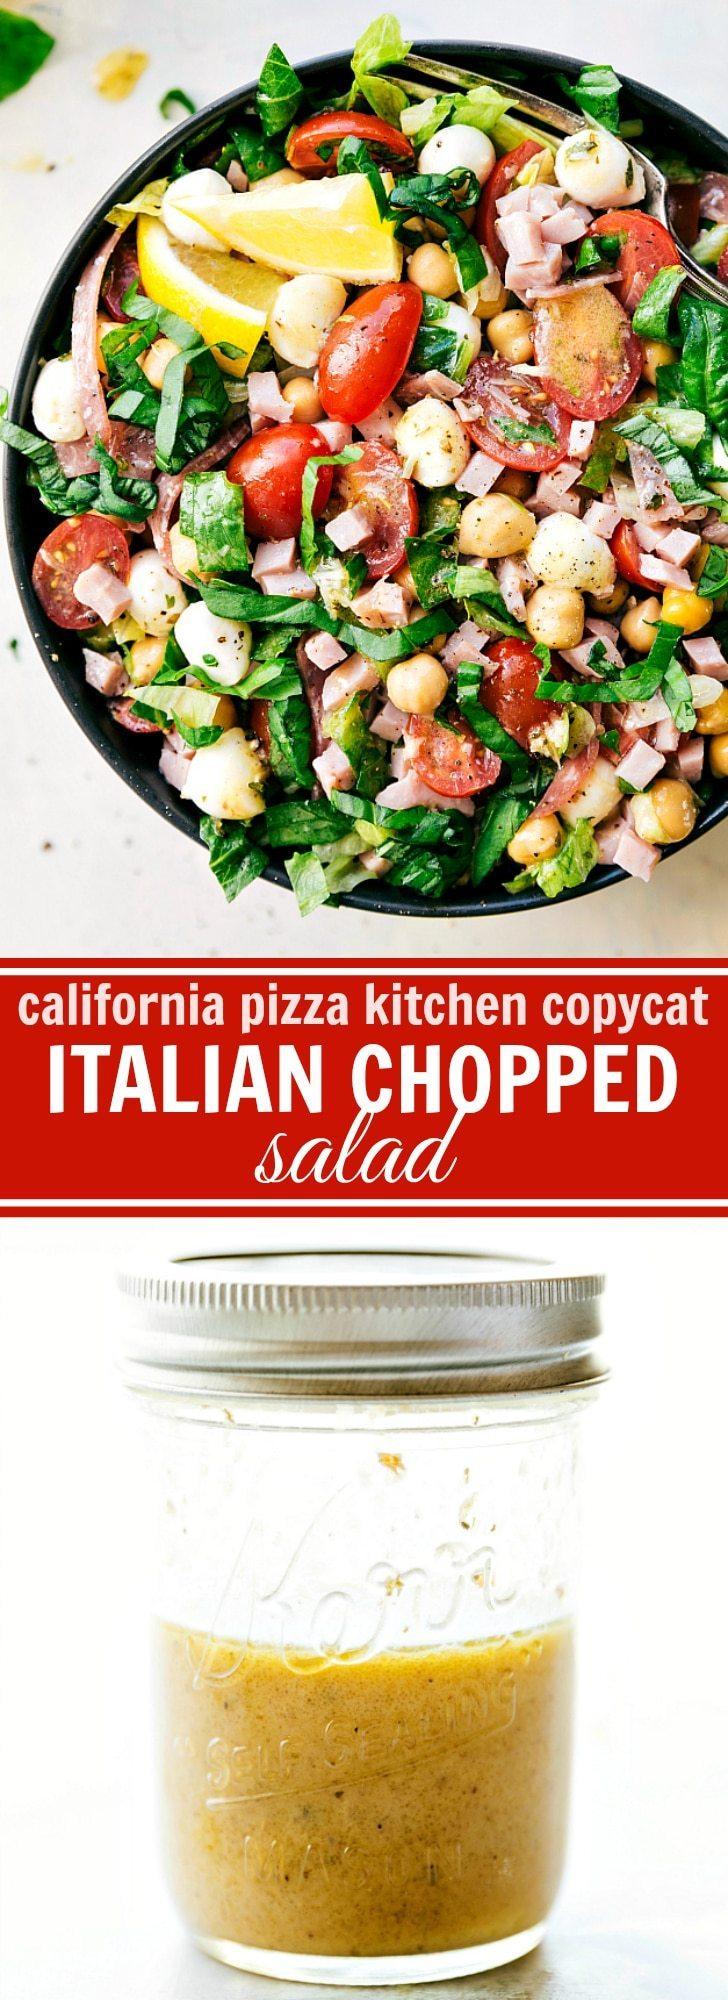 Stupendous Italian Chopped Salad Interior Design Ideas Skatsoteloinfo